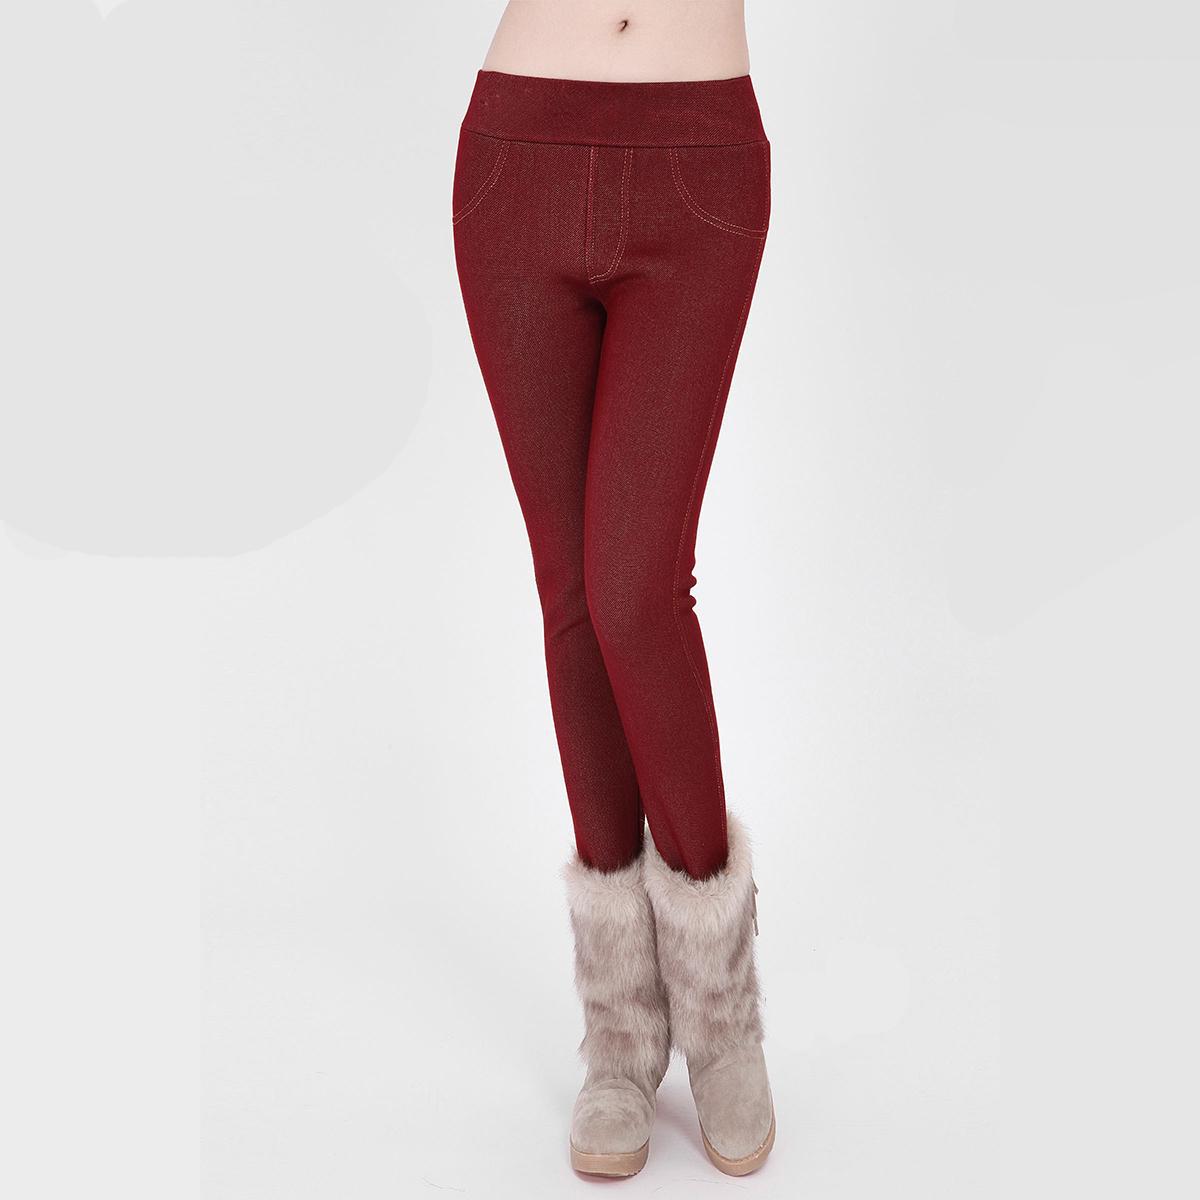 Ян осень новый пьяные красоты плюс плюшевые теплые леггинсы женщин корейской версии тонкий свинца моды леггинсы джинсы женщин